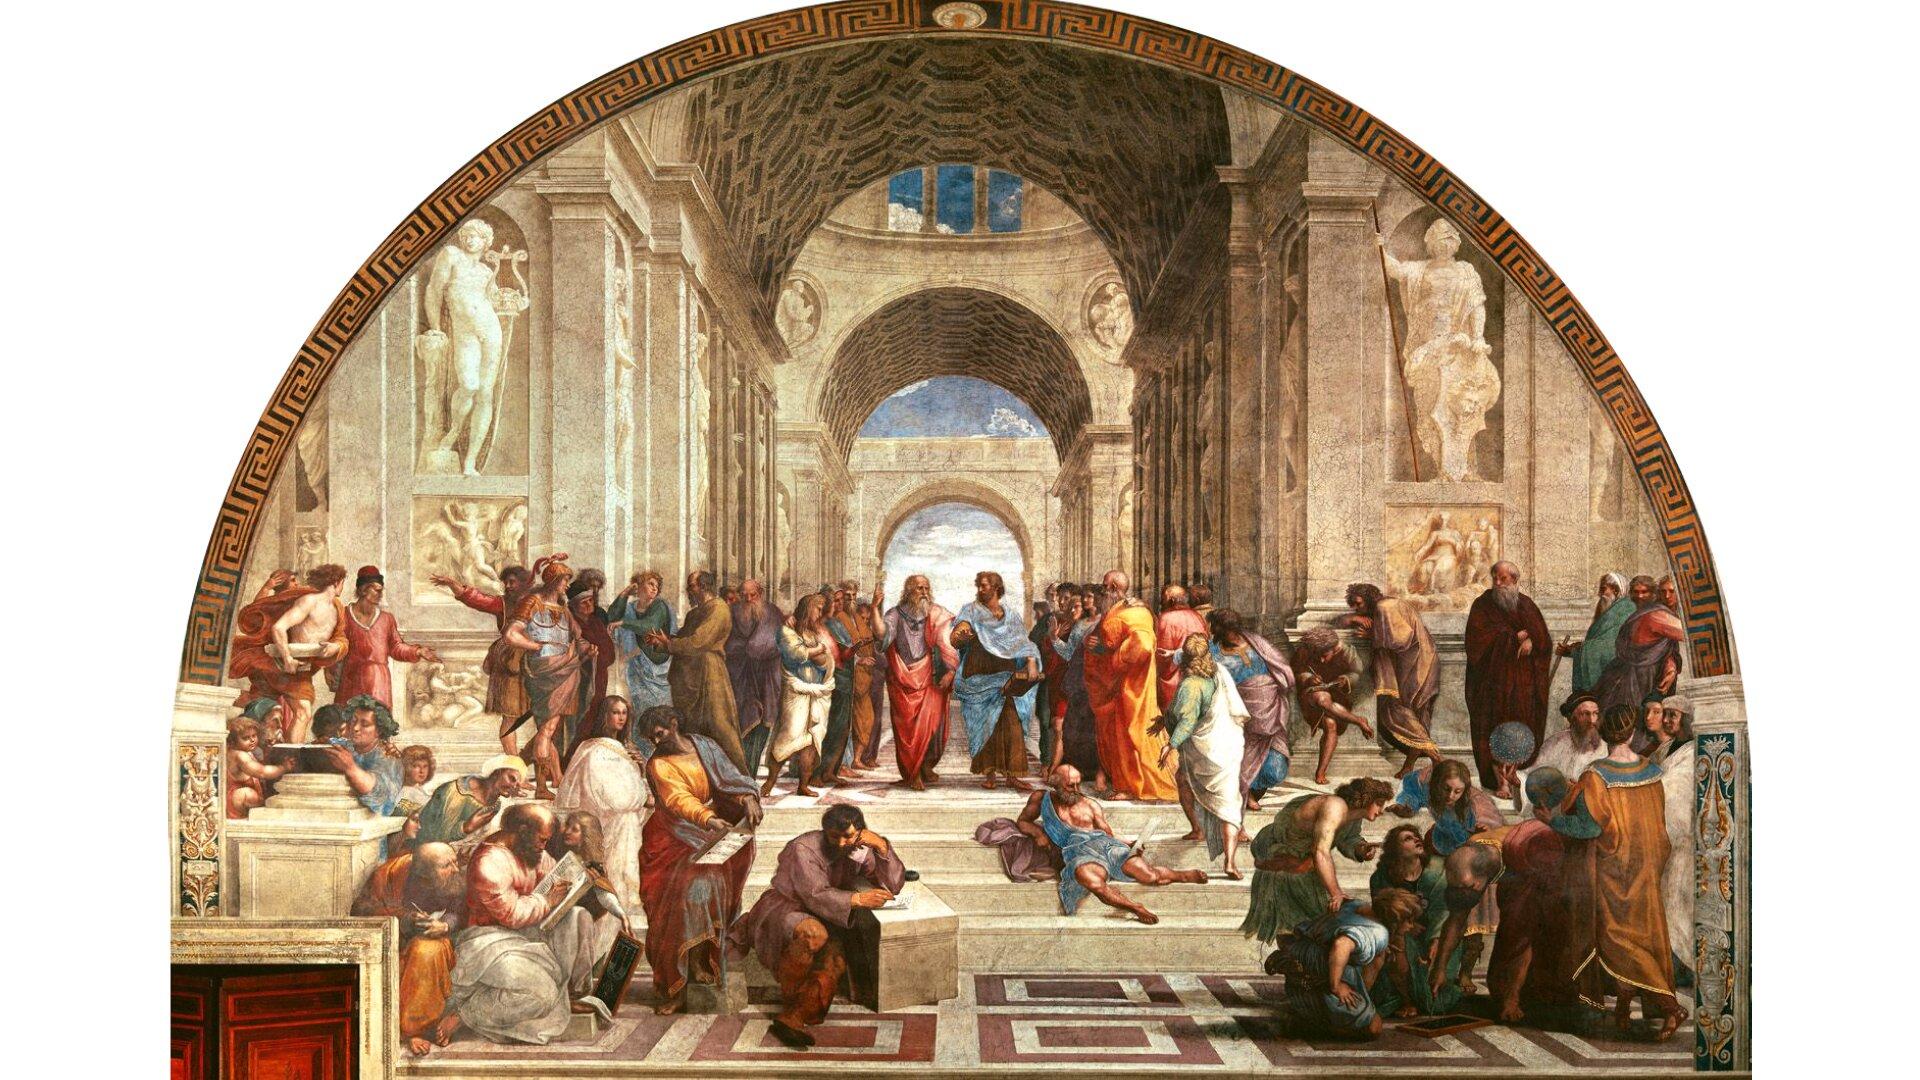 """Obraz pt. """"Szkoła ateńska"""" przedstawia zgromadzenie ludzi wbudowli składającej się złuków. Wcentrum znajdują się Platon iArystoteles."""